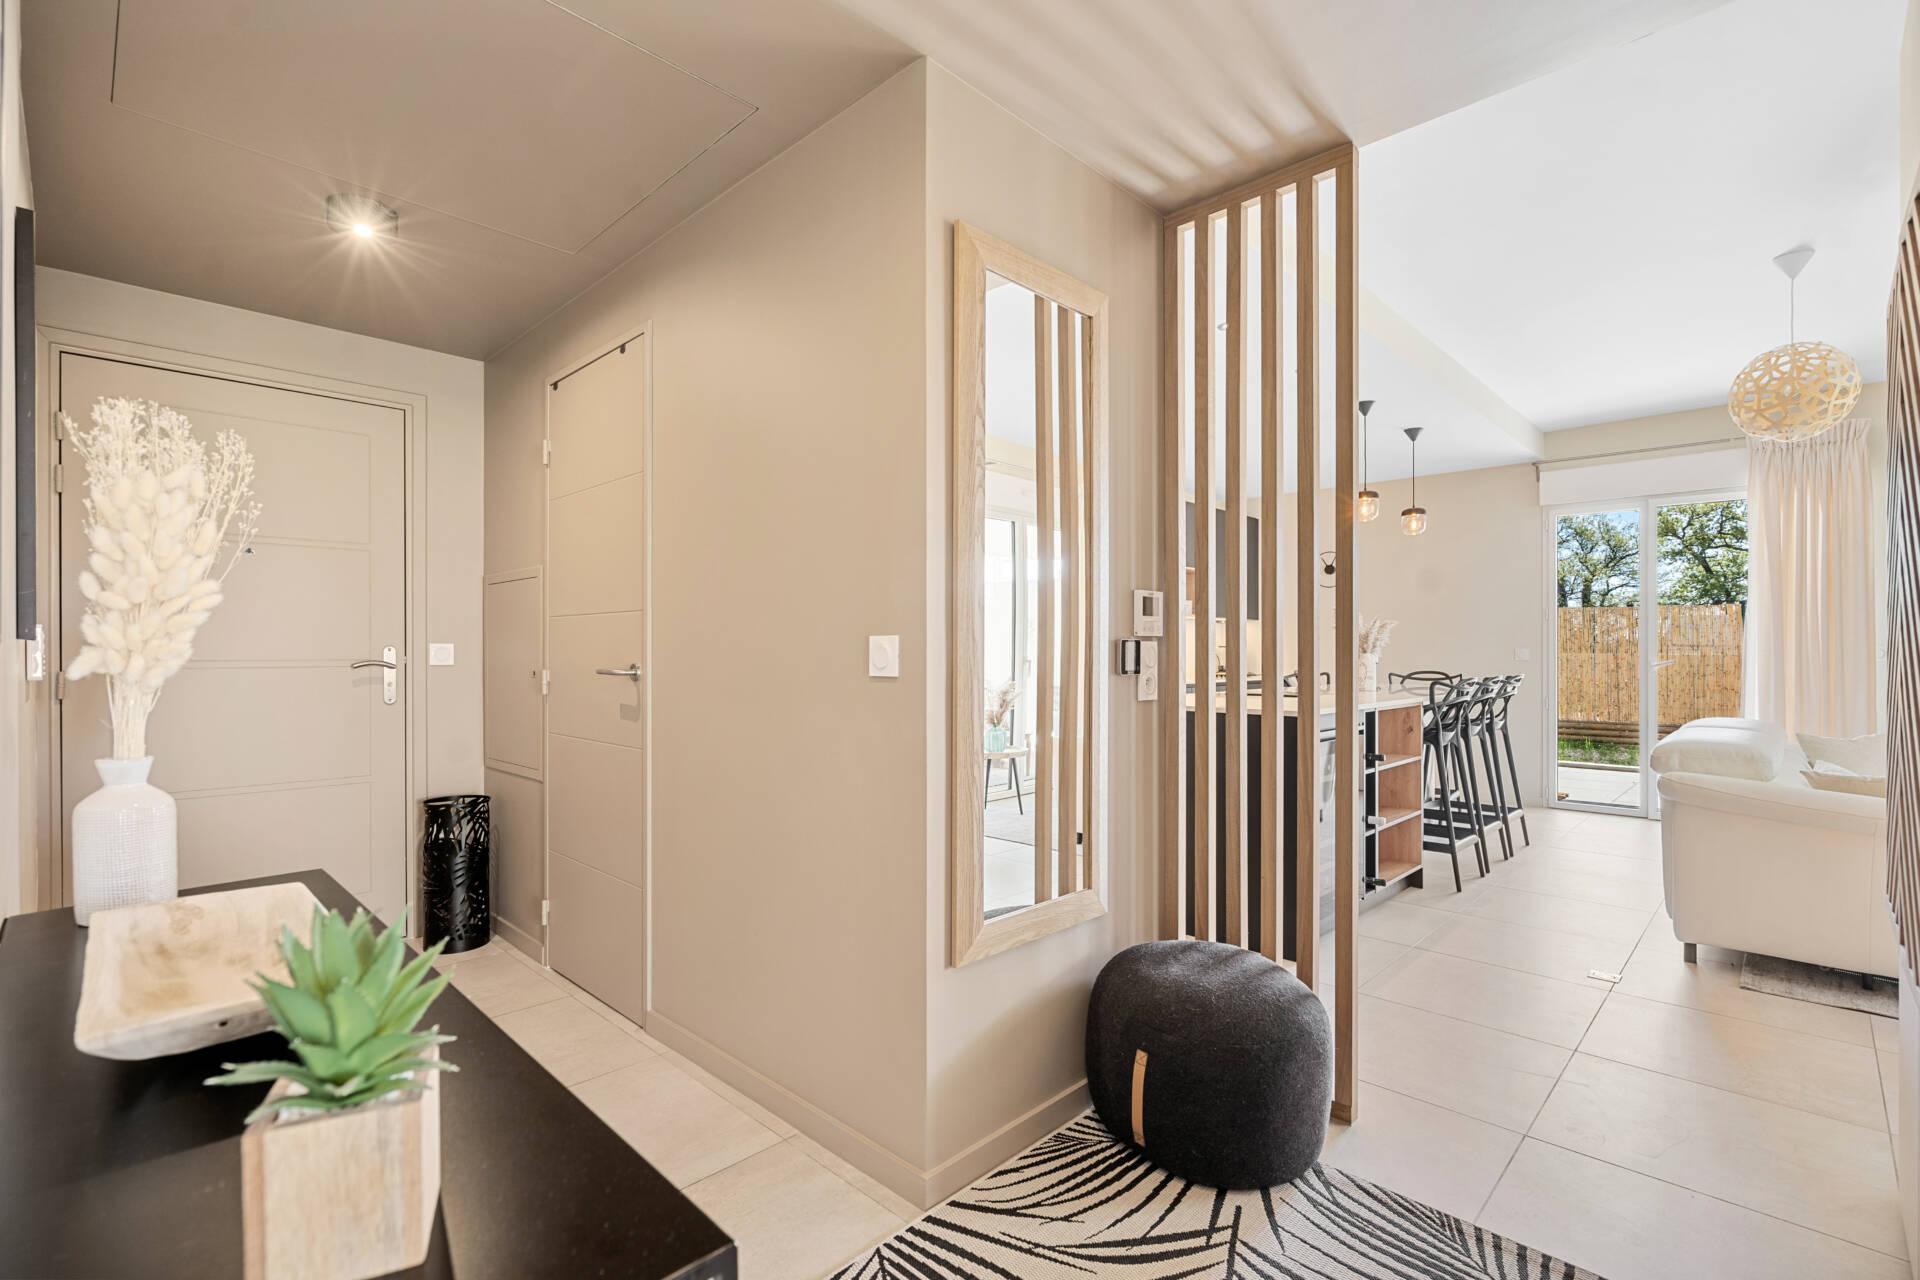 Décoration et agencement Appartement neuf Aix en Provence - Entrée avec claustra, par Myll décors , Agence de décoration à Aix en Provence et dans le Var